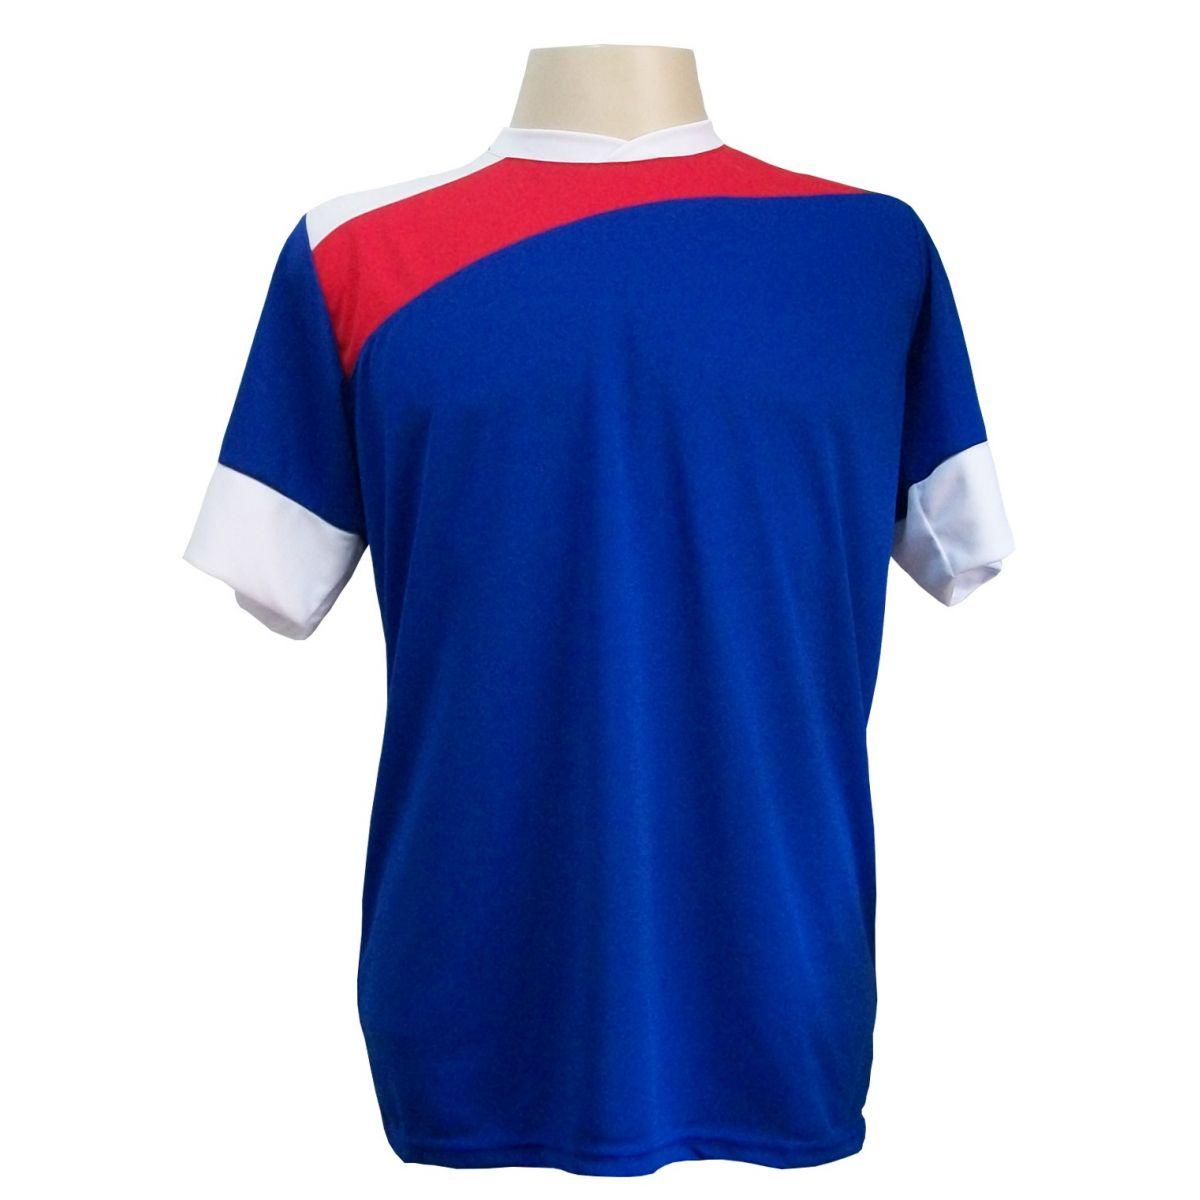 Uniforme Esportivo com 14 camisas modelo Sporting Royal/Vermelho/Branco + 14 calções modelo Madrid + 1 Goleiro + Brindes